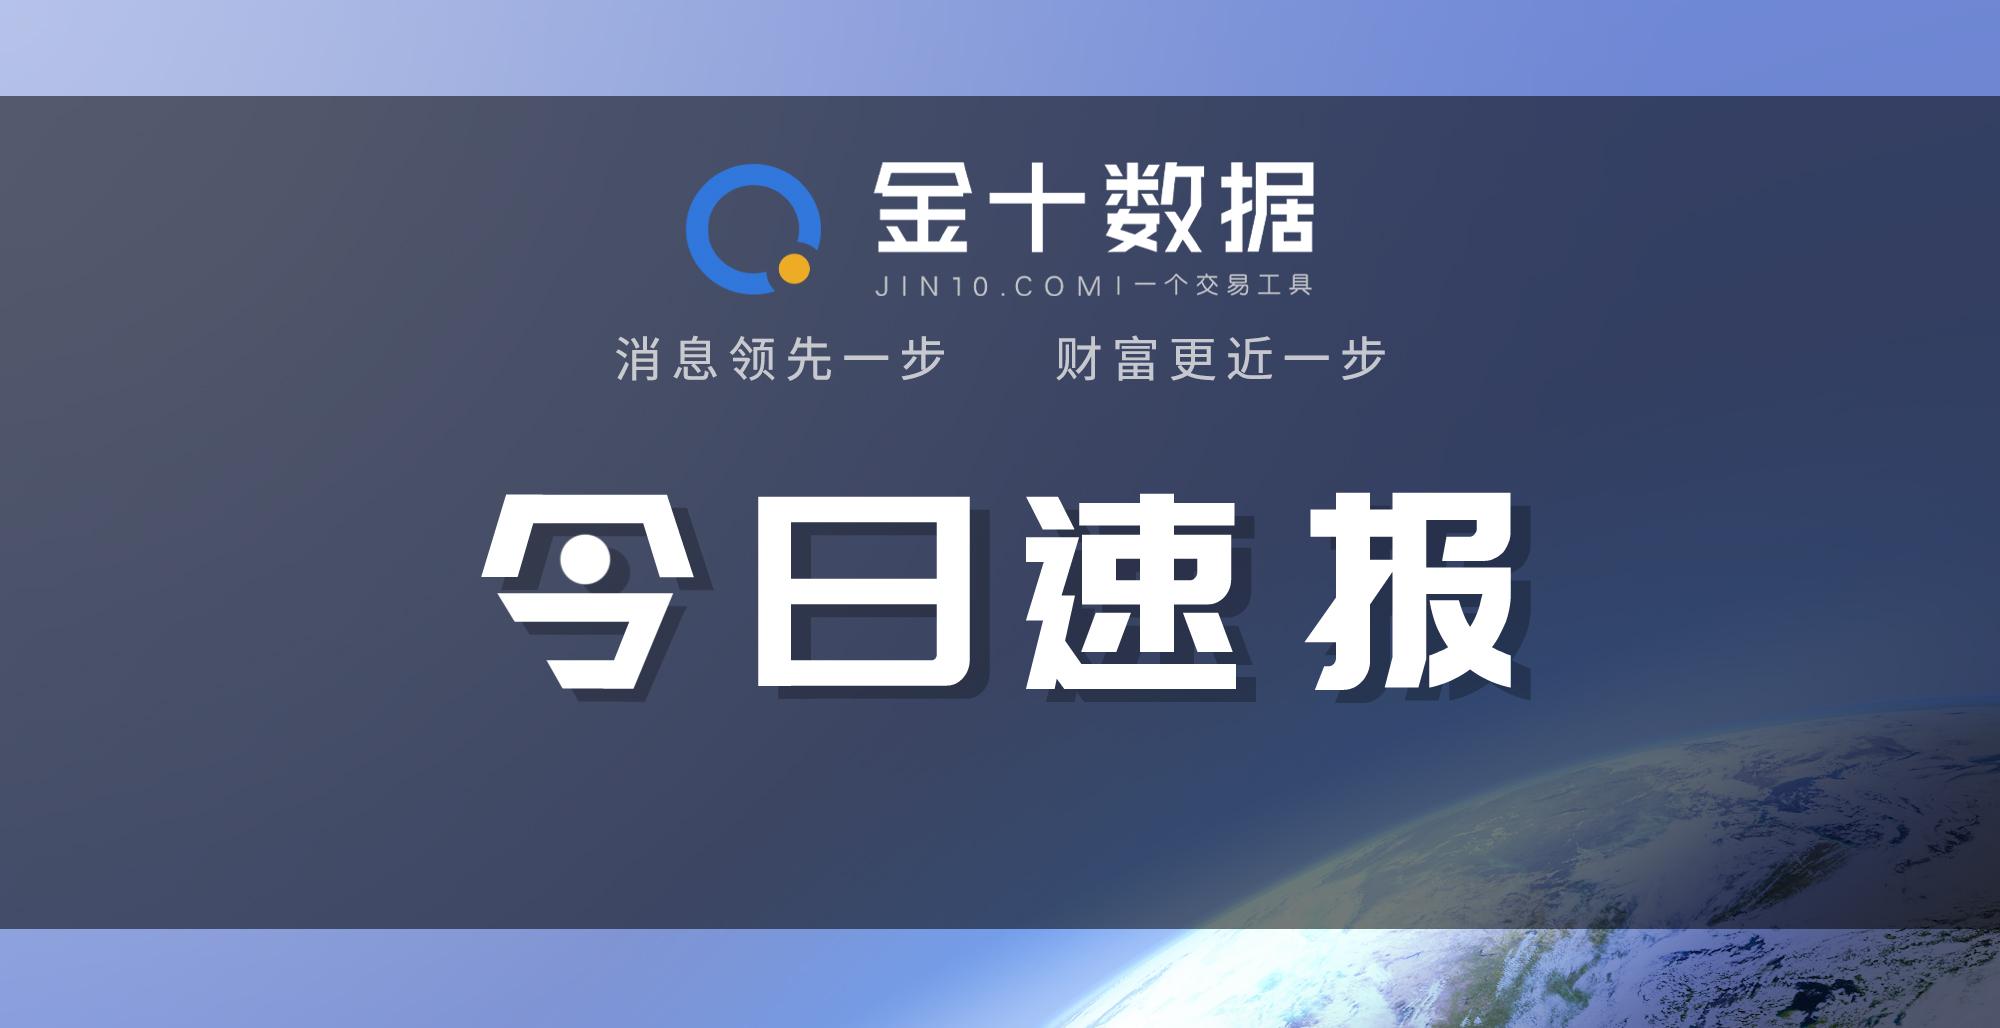 一箭四星!中国航天迎好消息;距春节还有10天,央行再投放4000亿